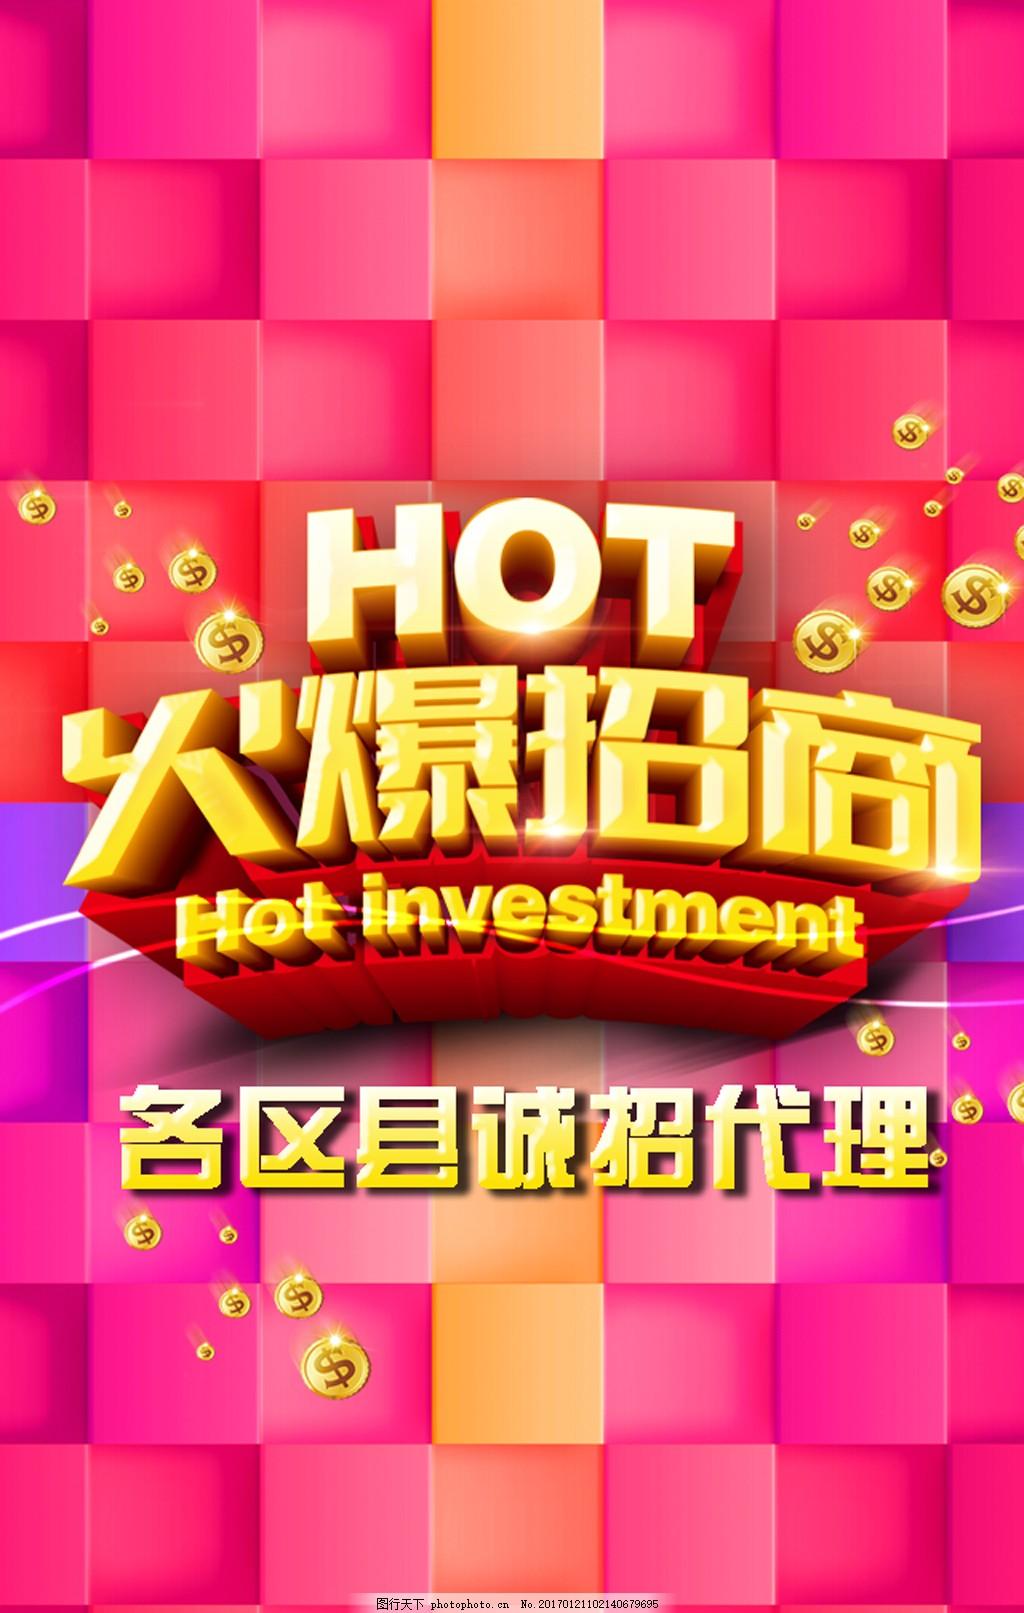 汽车h5招商 招商 hot 红色 背景 凯翼 设计 psd分层素材 招商图片